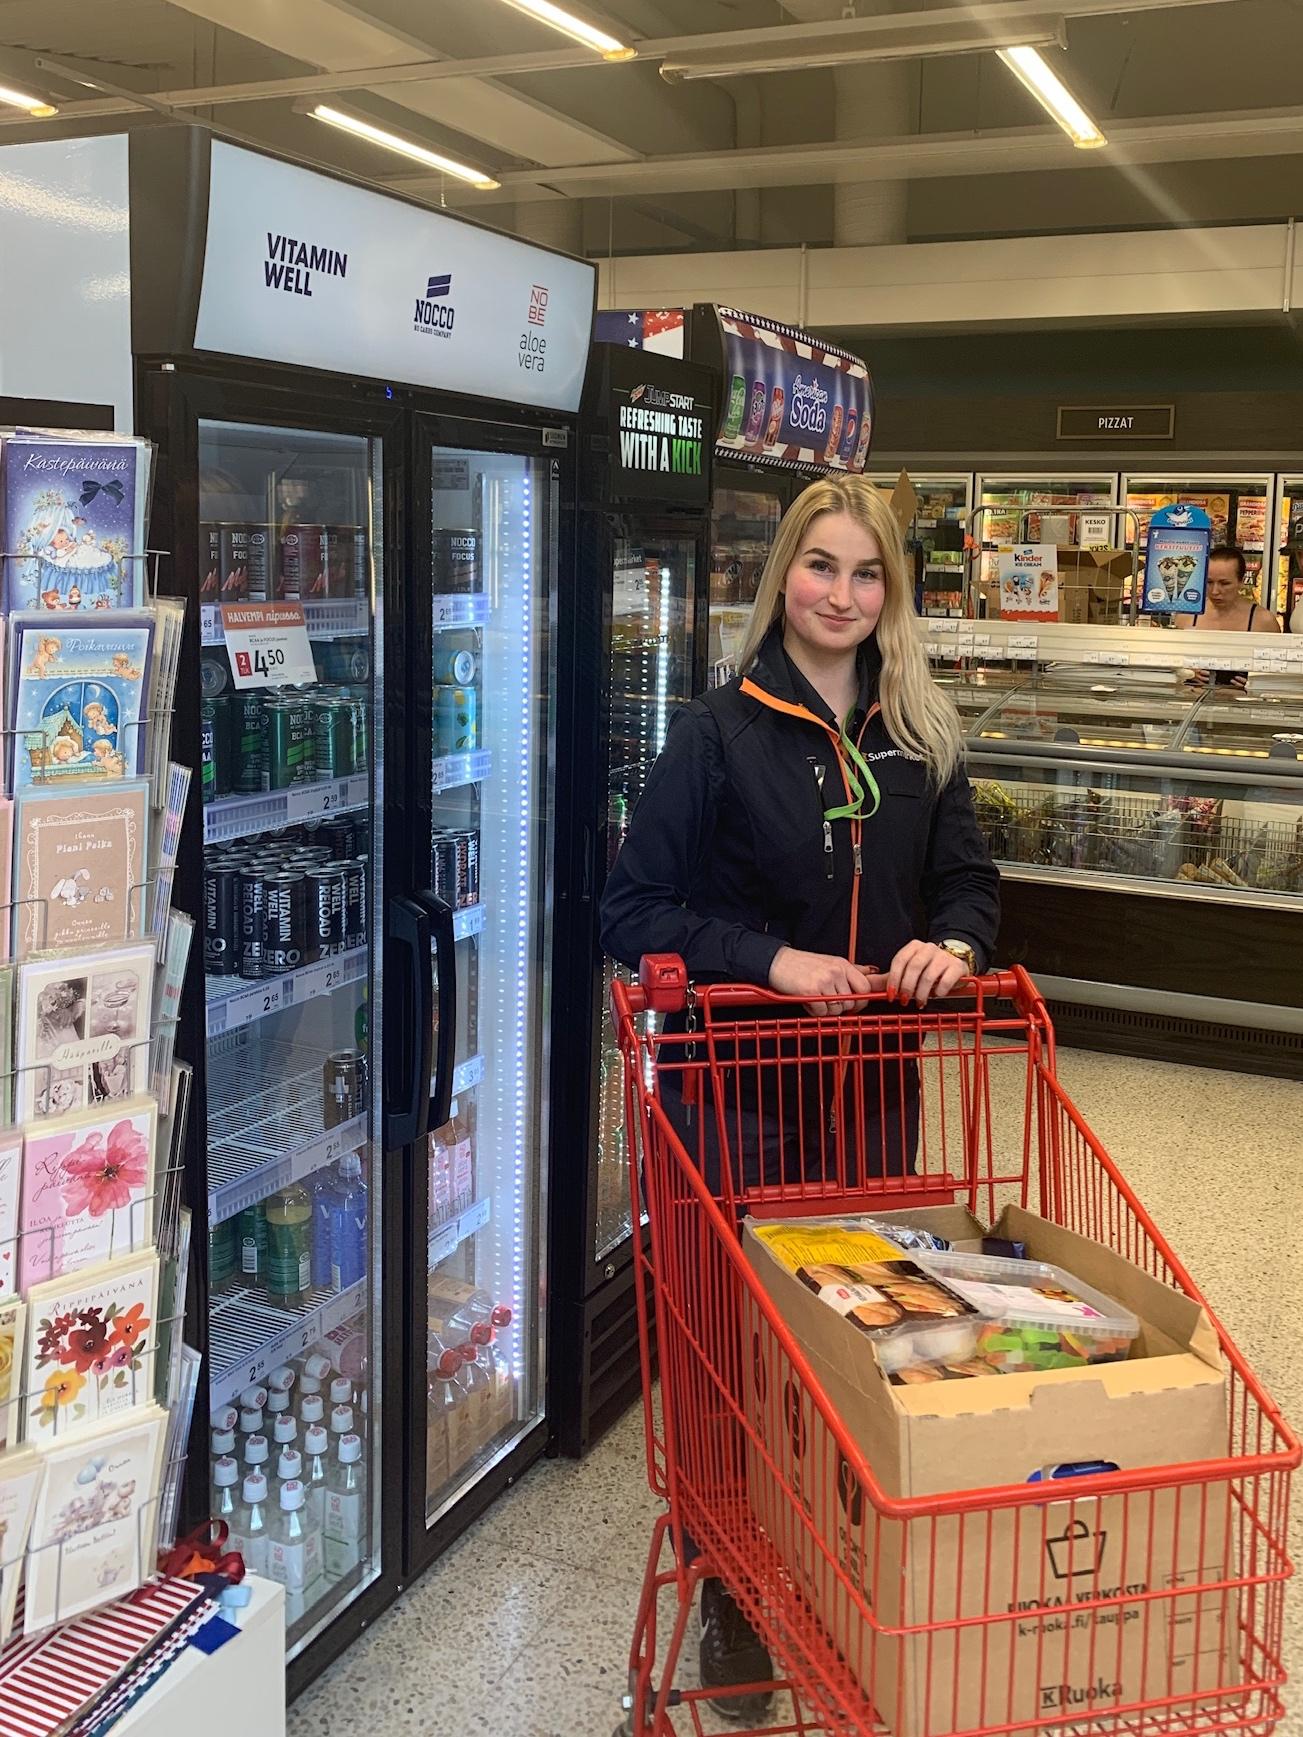 Haimme laatikollisen K-Supermarket Vieremän lahjoittamia aamu-ilta- ja välipaloja Villa fasaaniin odottamaan perhettä.